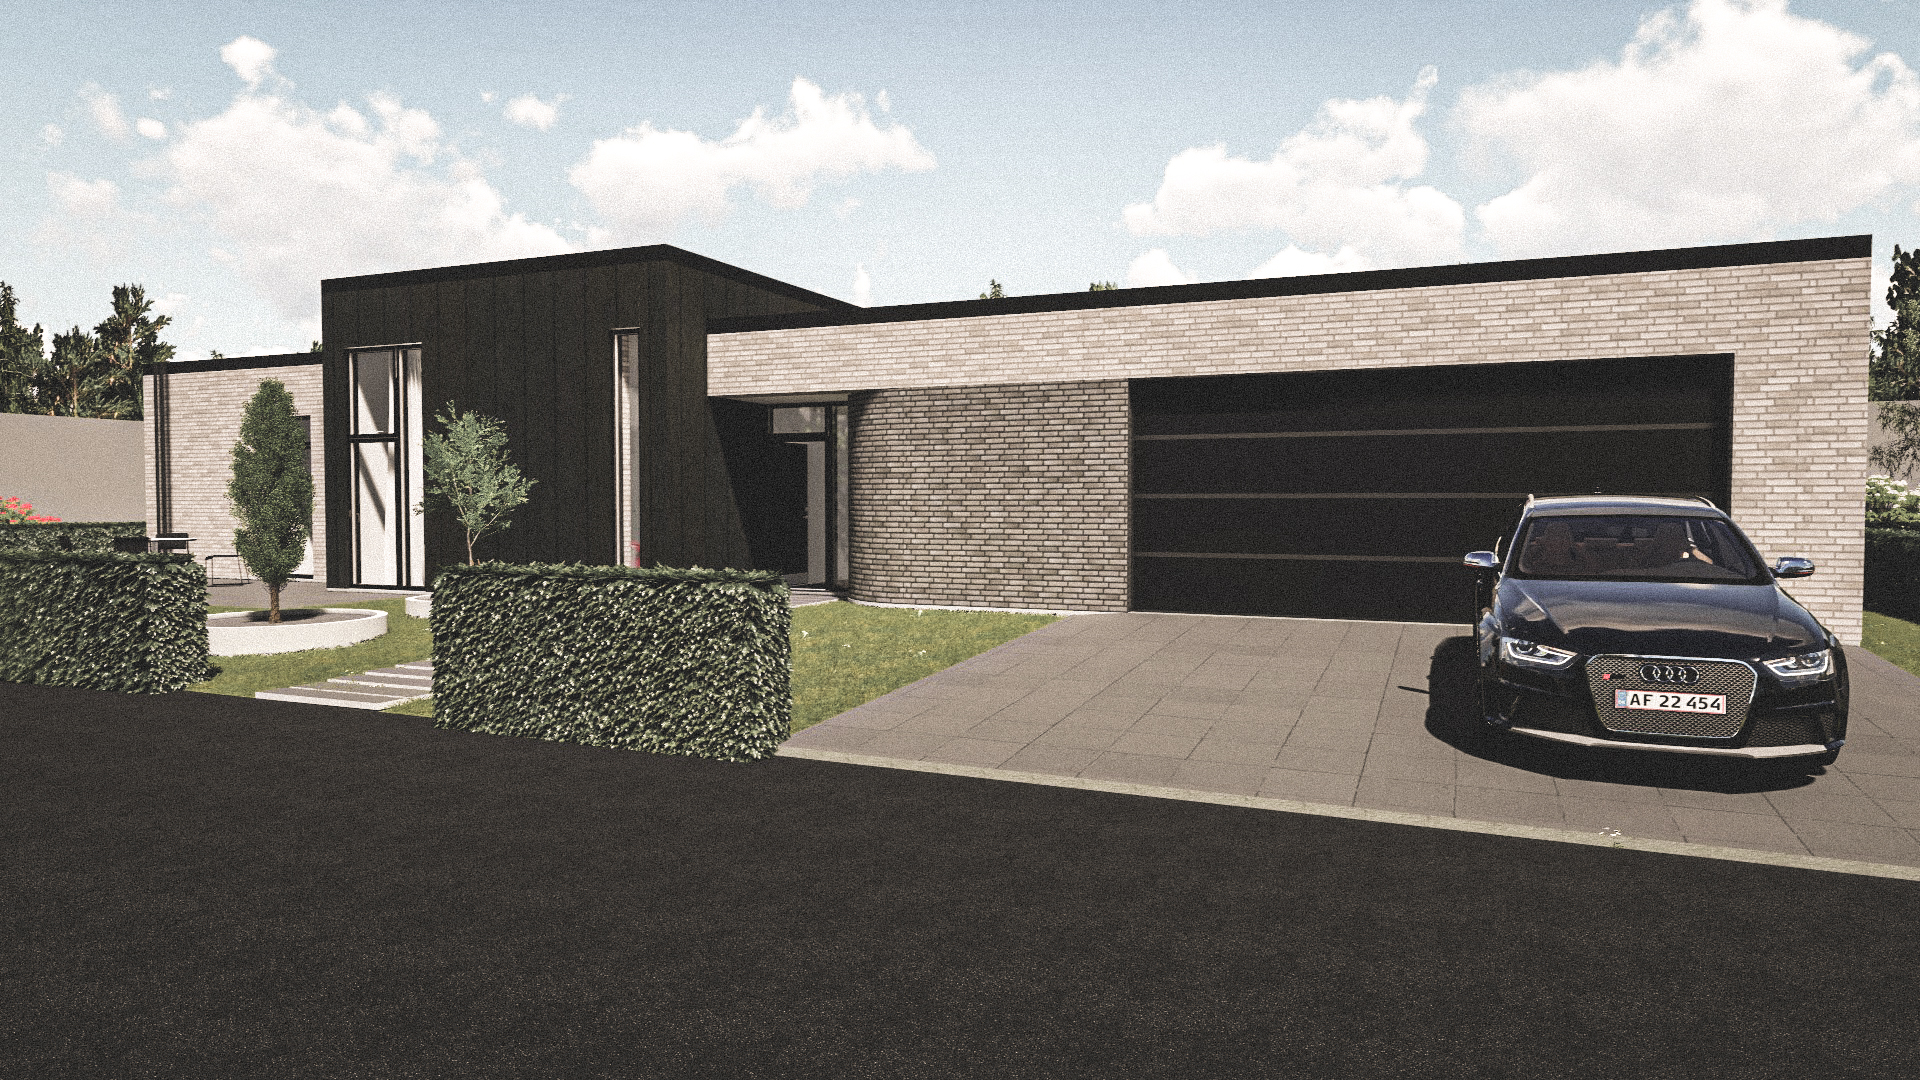 Billede af Dansk arkitekttegnet 1 plan villa af arkitektfirmaet m2plus, i Aalborg på 234 kvartratmeter.